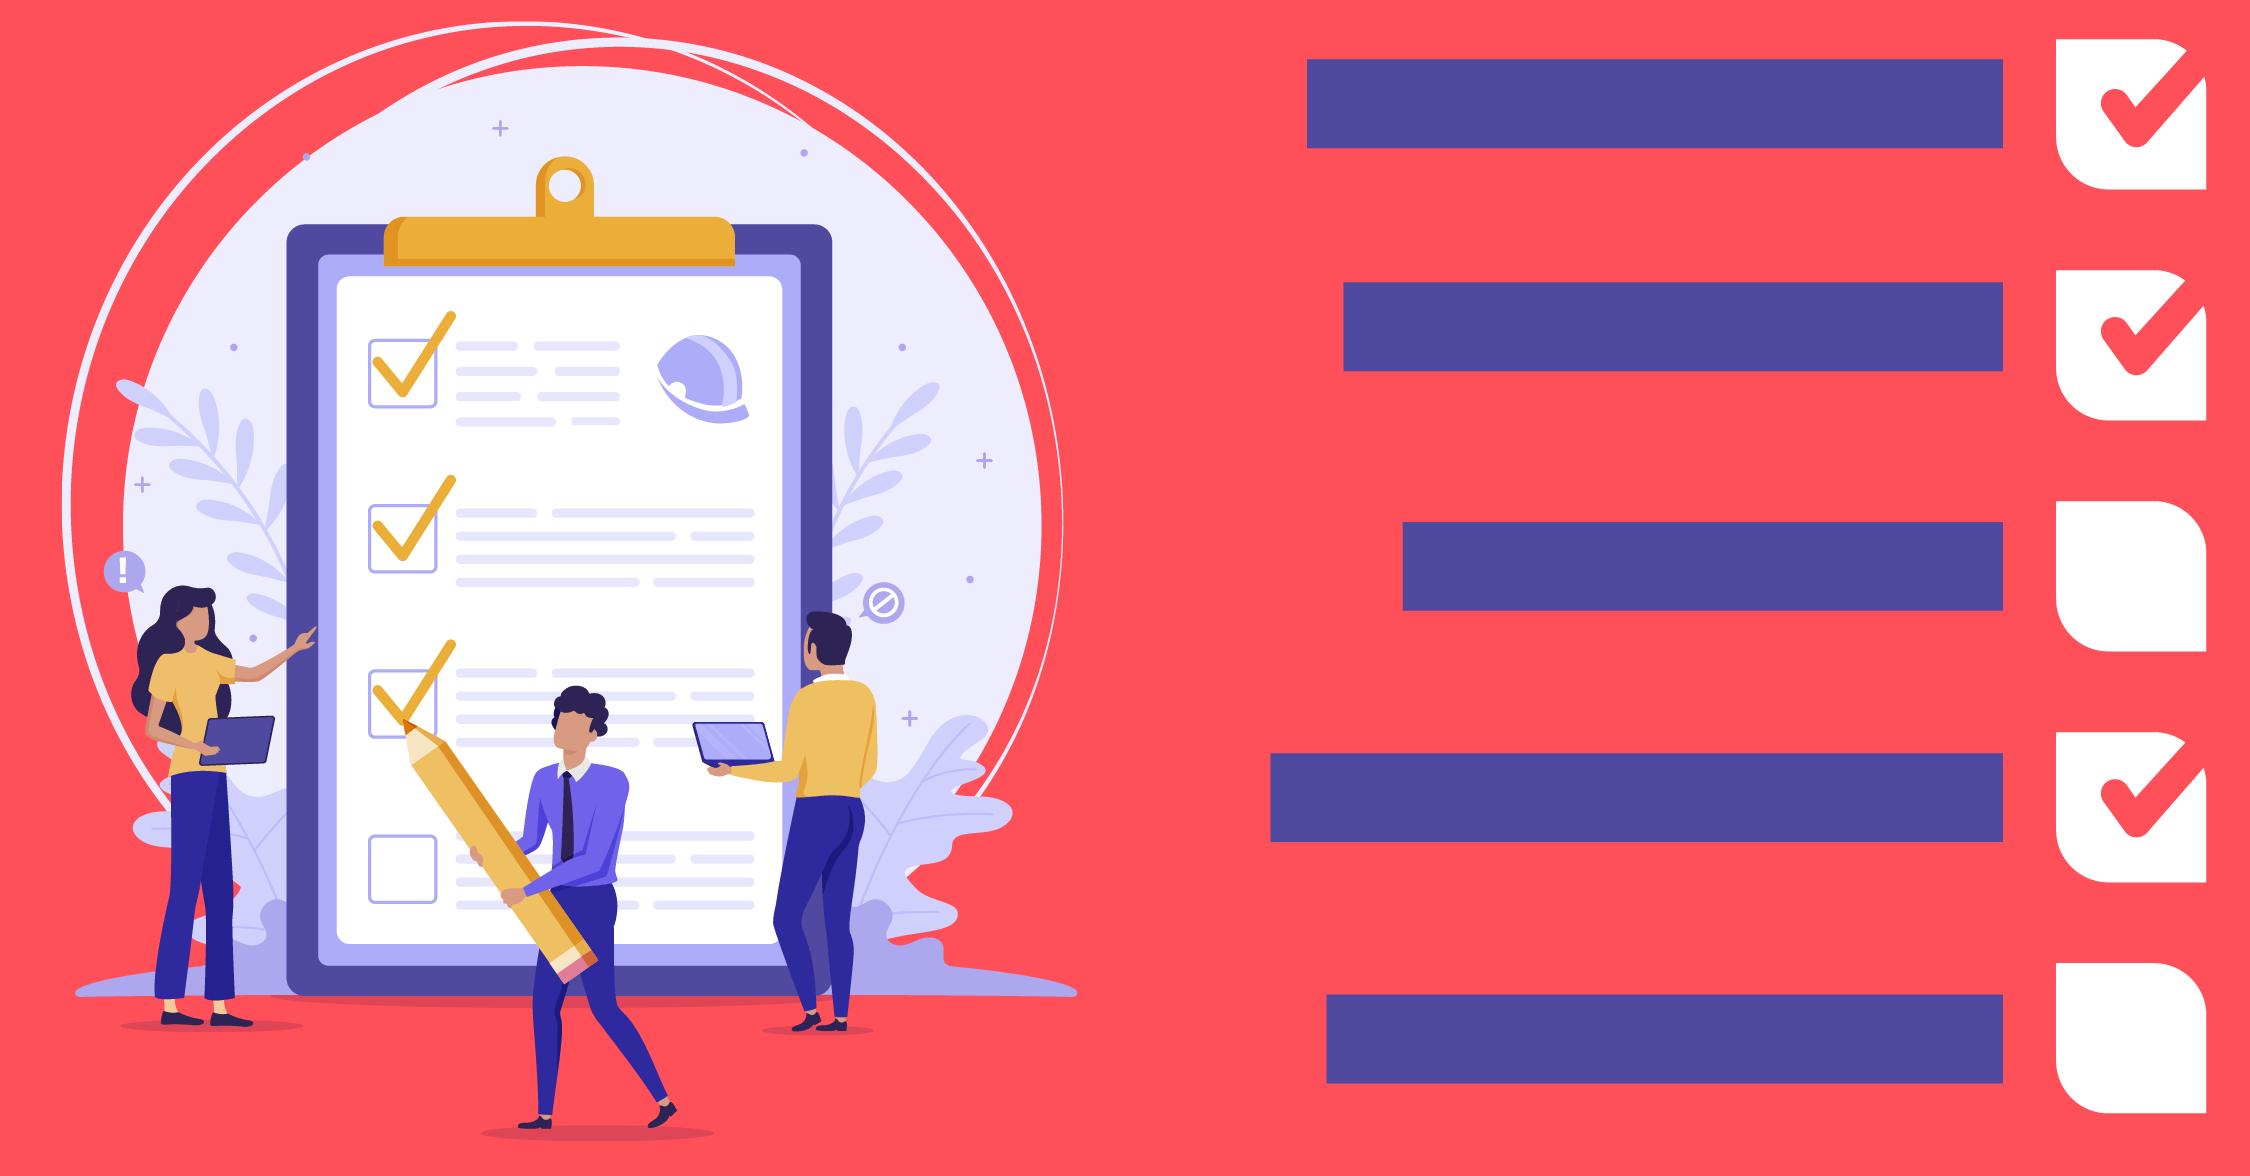 Personalização de checklist para segurança do trabalho: escolha o peso e modelos de resposta